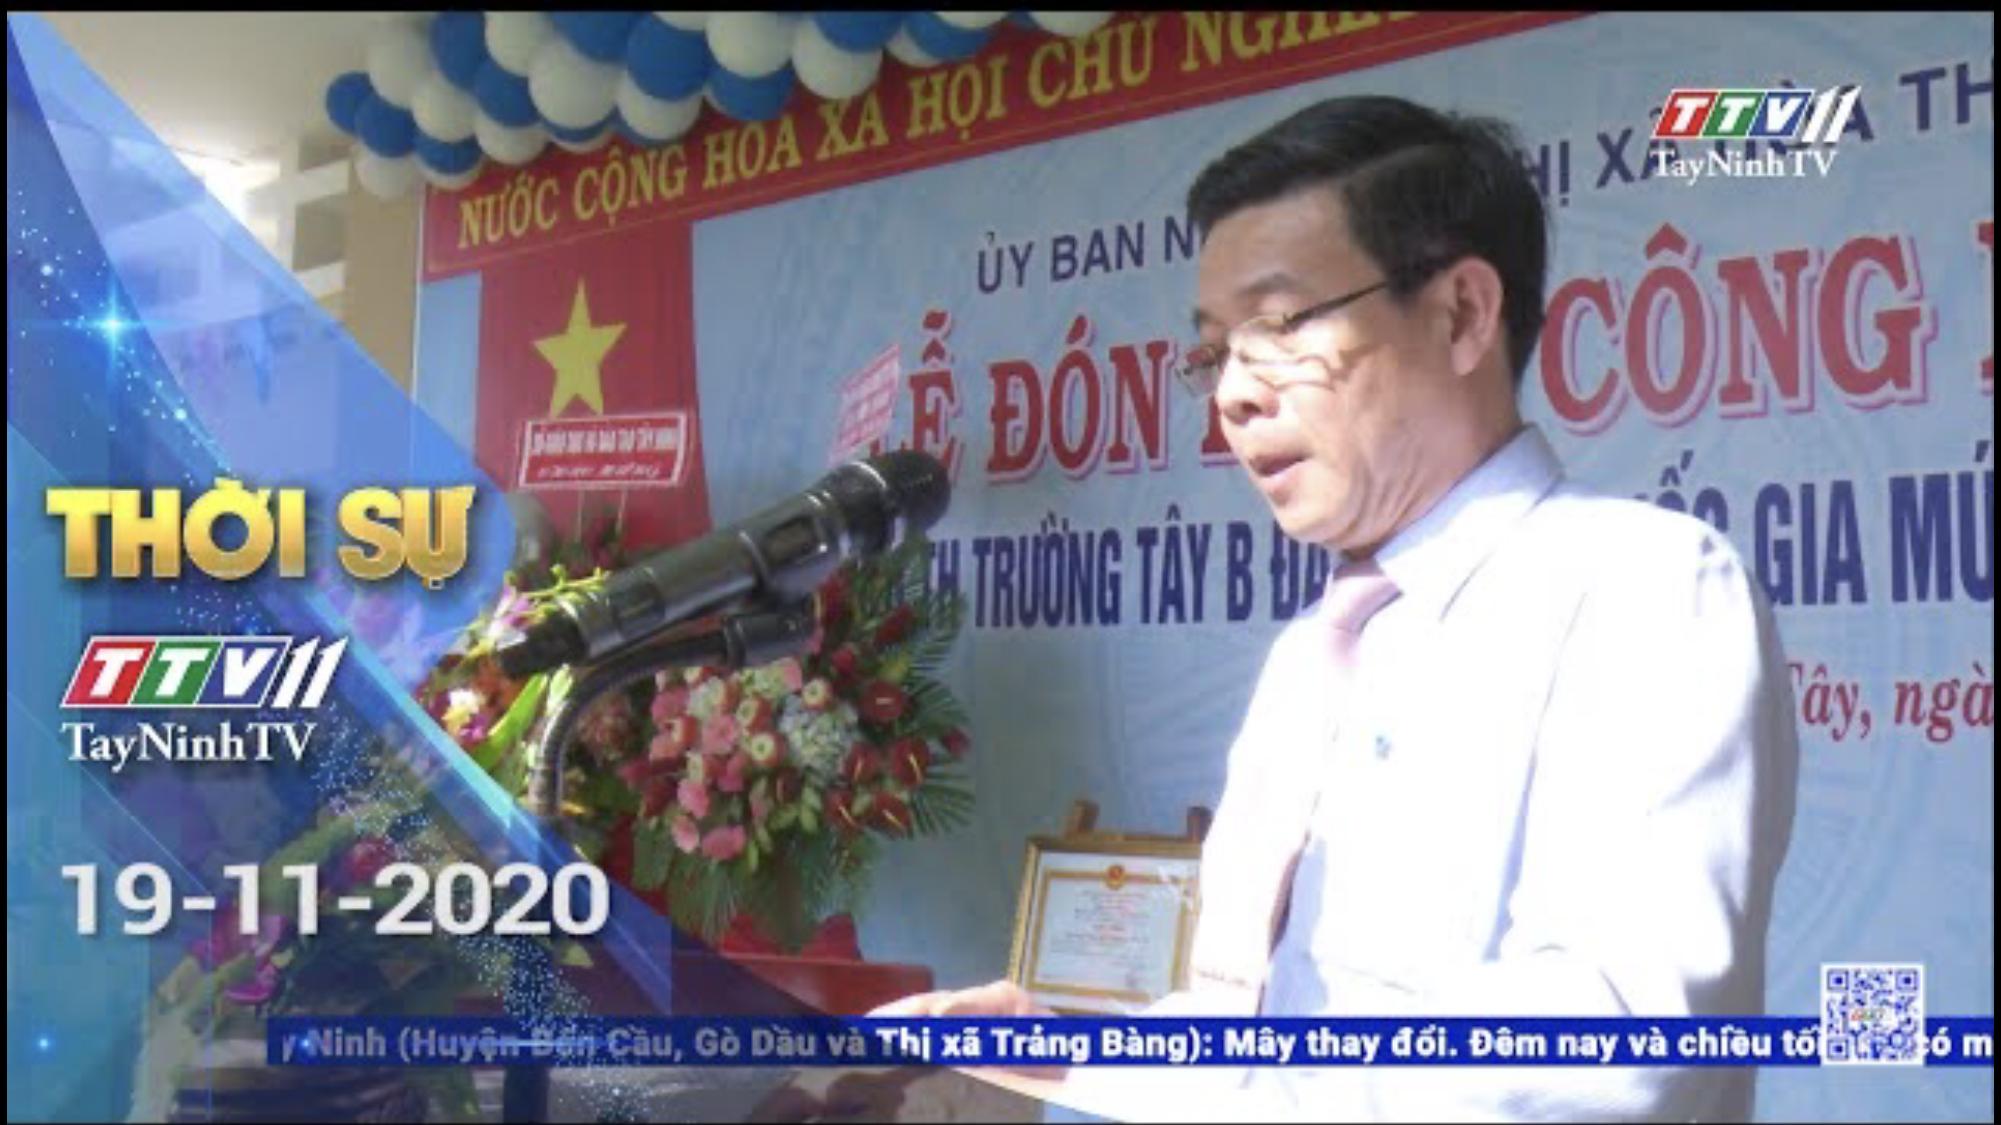 Thời sự Tây Ninh 19-11-2020 | Tin tức hôm nay | TayNinhTV